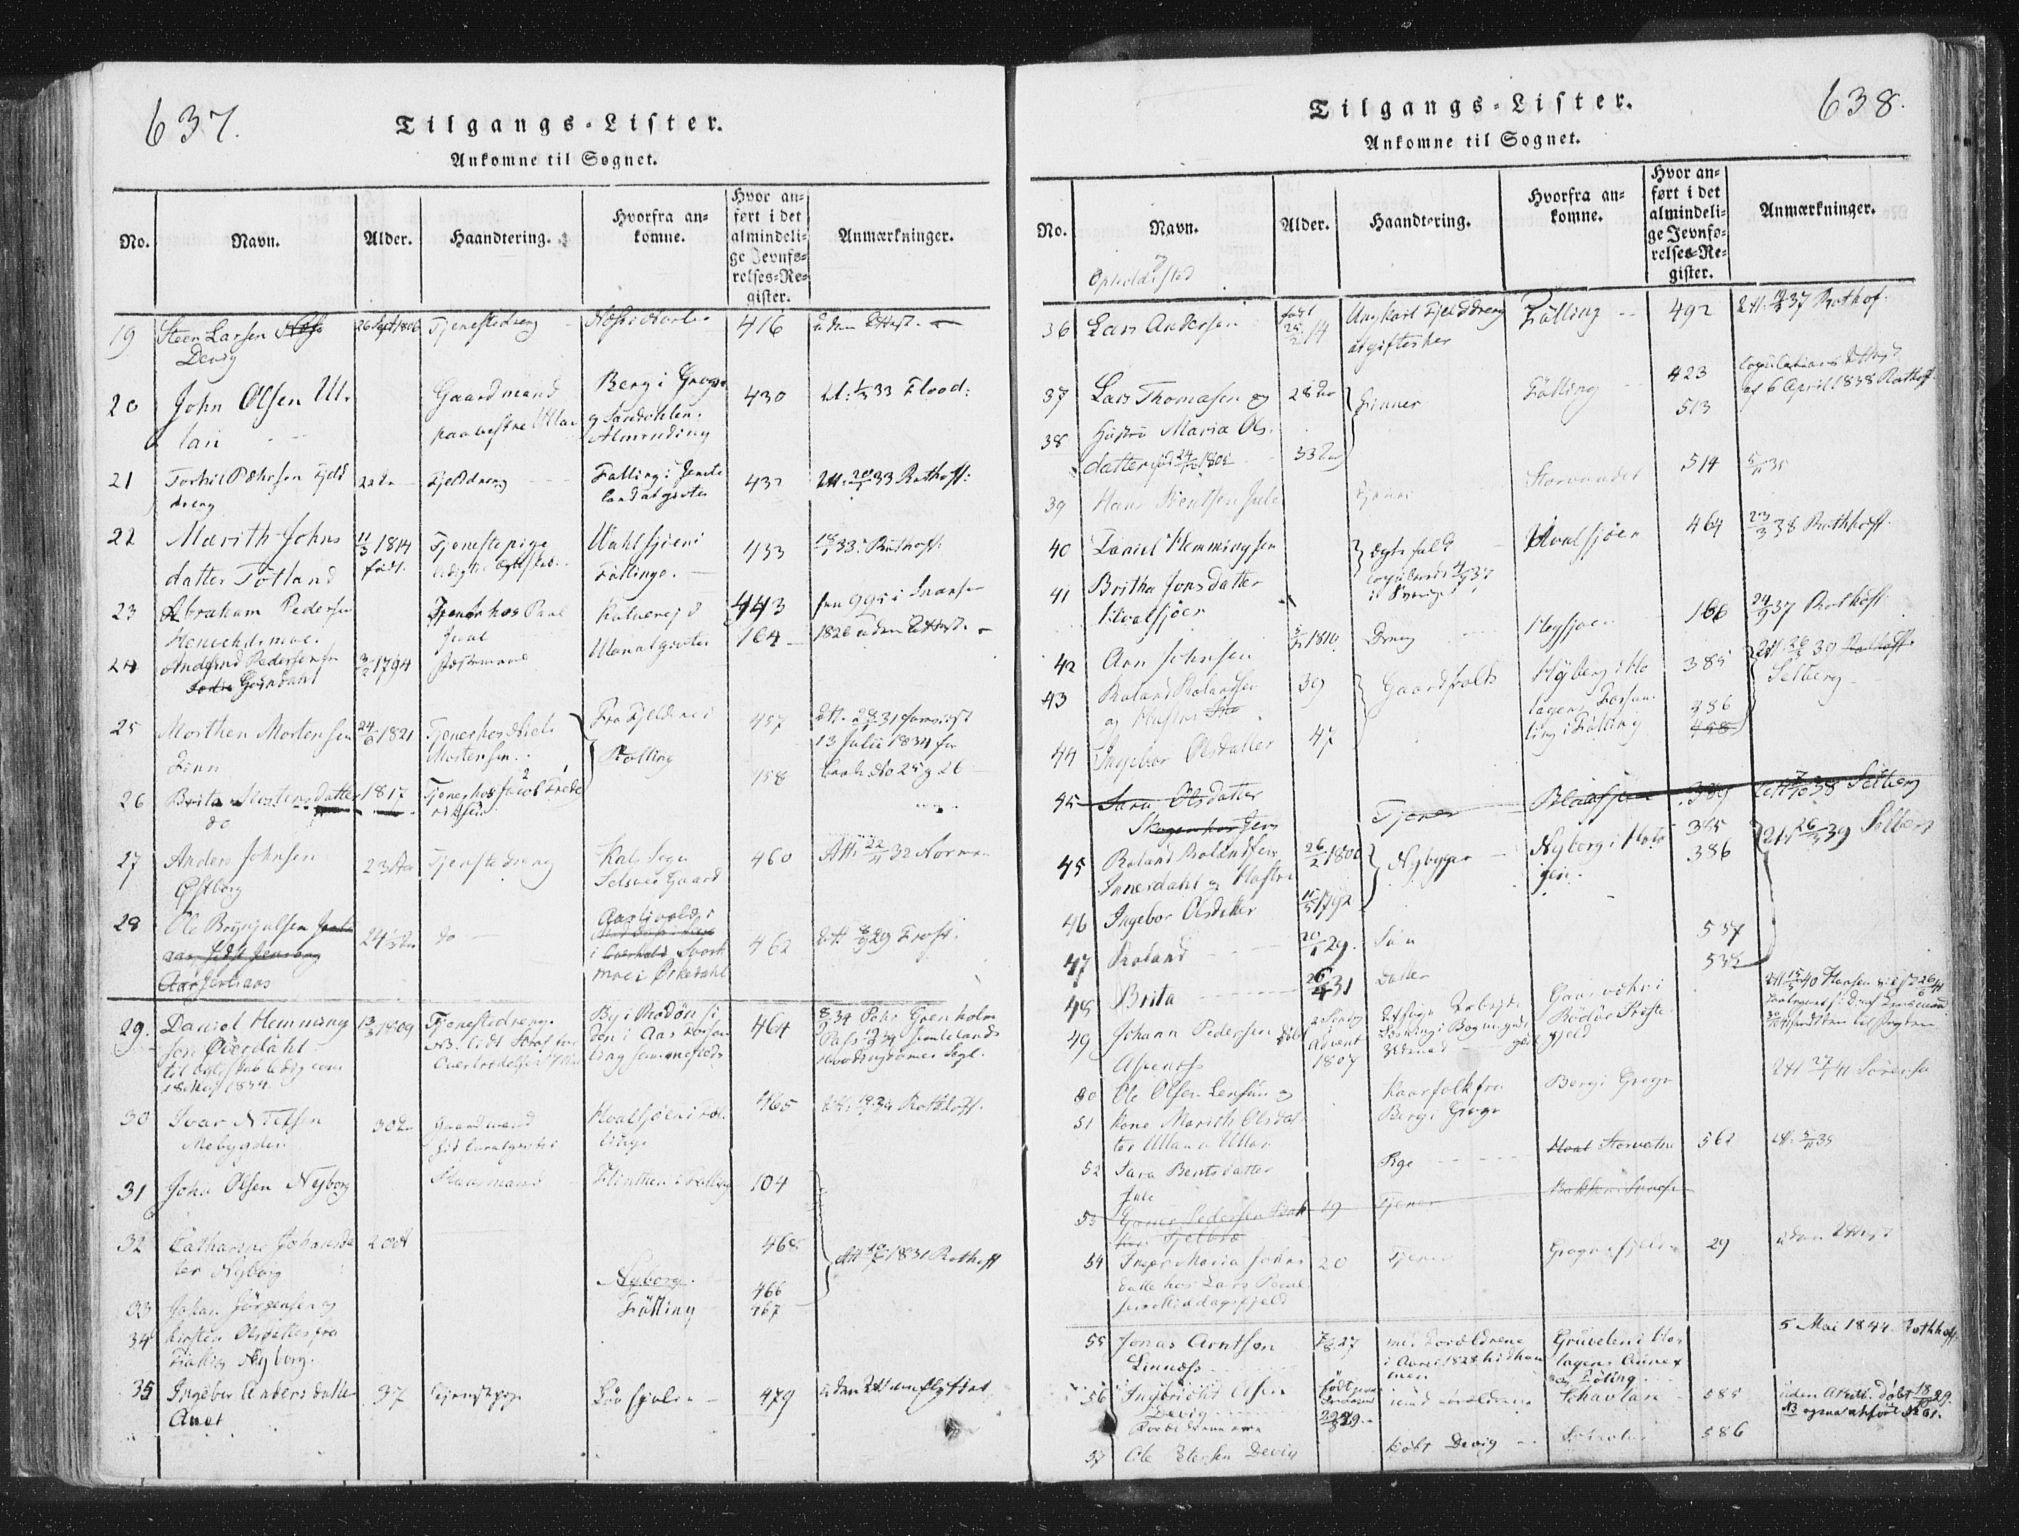 SAT, Ministerialprotokoller, klokkerbøker og fødselsregistre - Nord-Trøndelag, 755/L0491: Ministerialbok nr. 755A01 /2, 1817-1864, s. 637-638